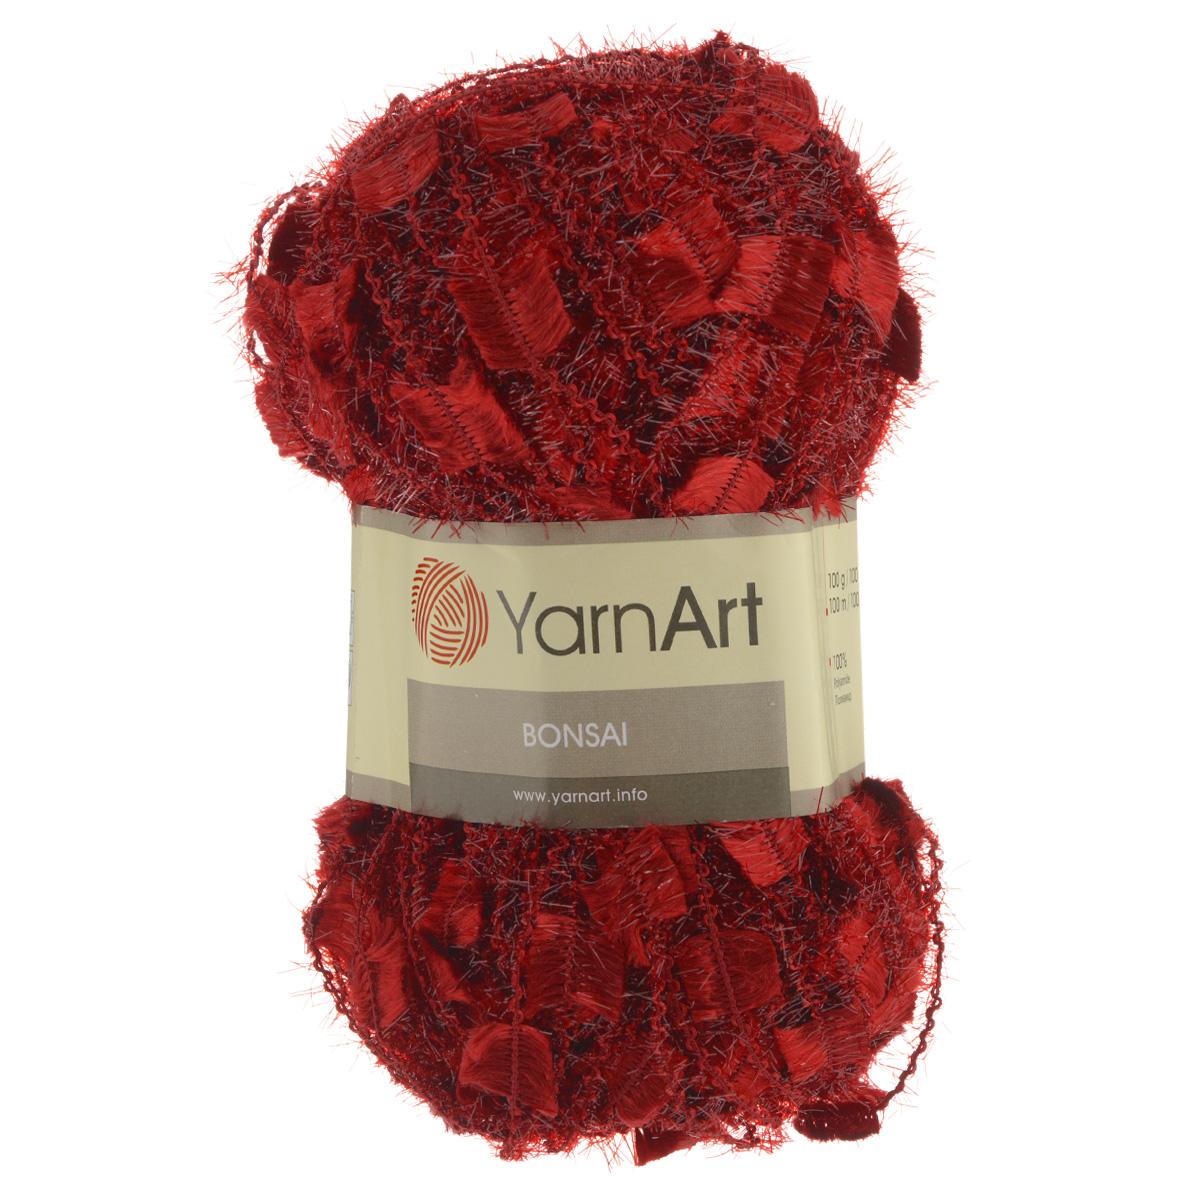 Пряжа для вязания YarnArt Bonsai, цвет: красный (409), 100 м, 100 г, 5 шт372075_409Фантазийная пряжа для вязания YarnArt Bonsai яркая и оригинальная. Из такой пряжи можно вязать изделие целиком или использовать для отделки. В основном вяжут из таких ниток нарядные вещи - болеро, блузки, топики, платья, юбки, пуловеры и т. д. В настоящее время вязание плотно вошло в нашу жизнь, причем не столько в виде привычных свитеров, сколько в виде оригинальных, изящных моделей из самой разнообразной пряжи. Поэтому так важно подобрать именно ту пряжу, которая позволит вам связать даже самую сложную и необычную модель изделия. Комплектация: 5 мотков. Состав: 100% полиамид. Рекомендована ручная стирка до 30°C. Рекомендованные спицы 8 мм, крючок 9 мм.